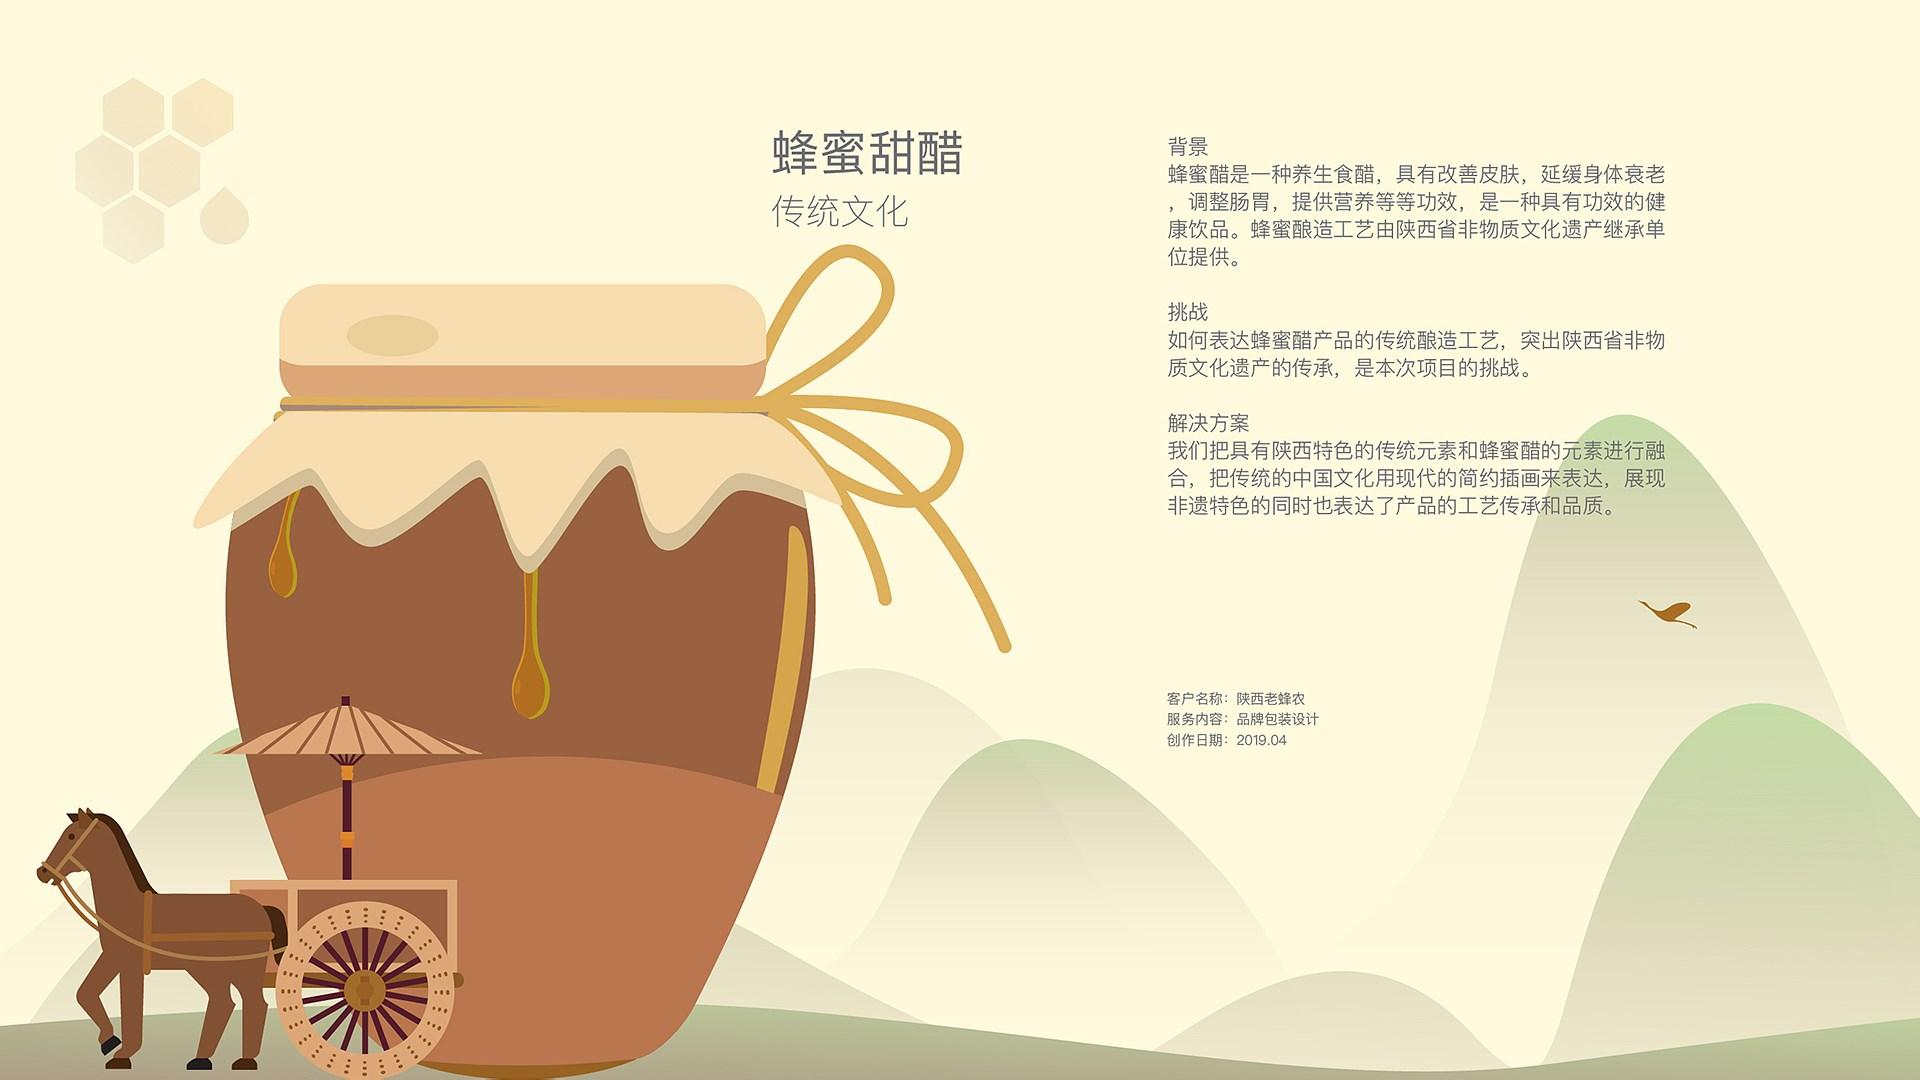 老蜂農蜂蜜醋案例-04.jpg